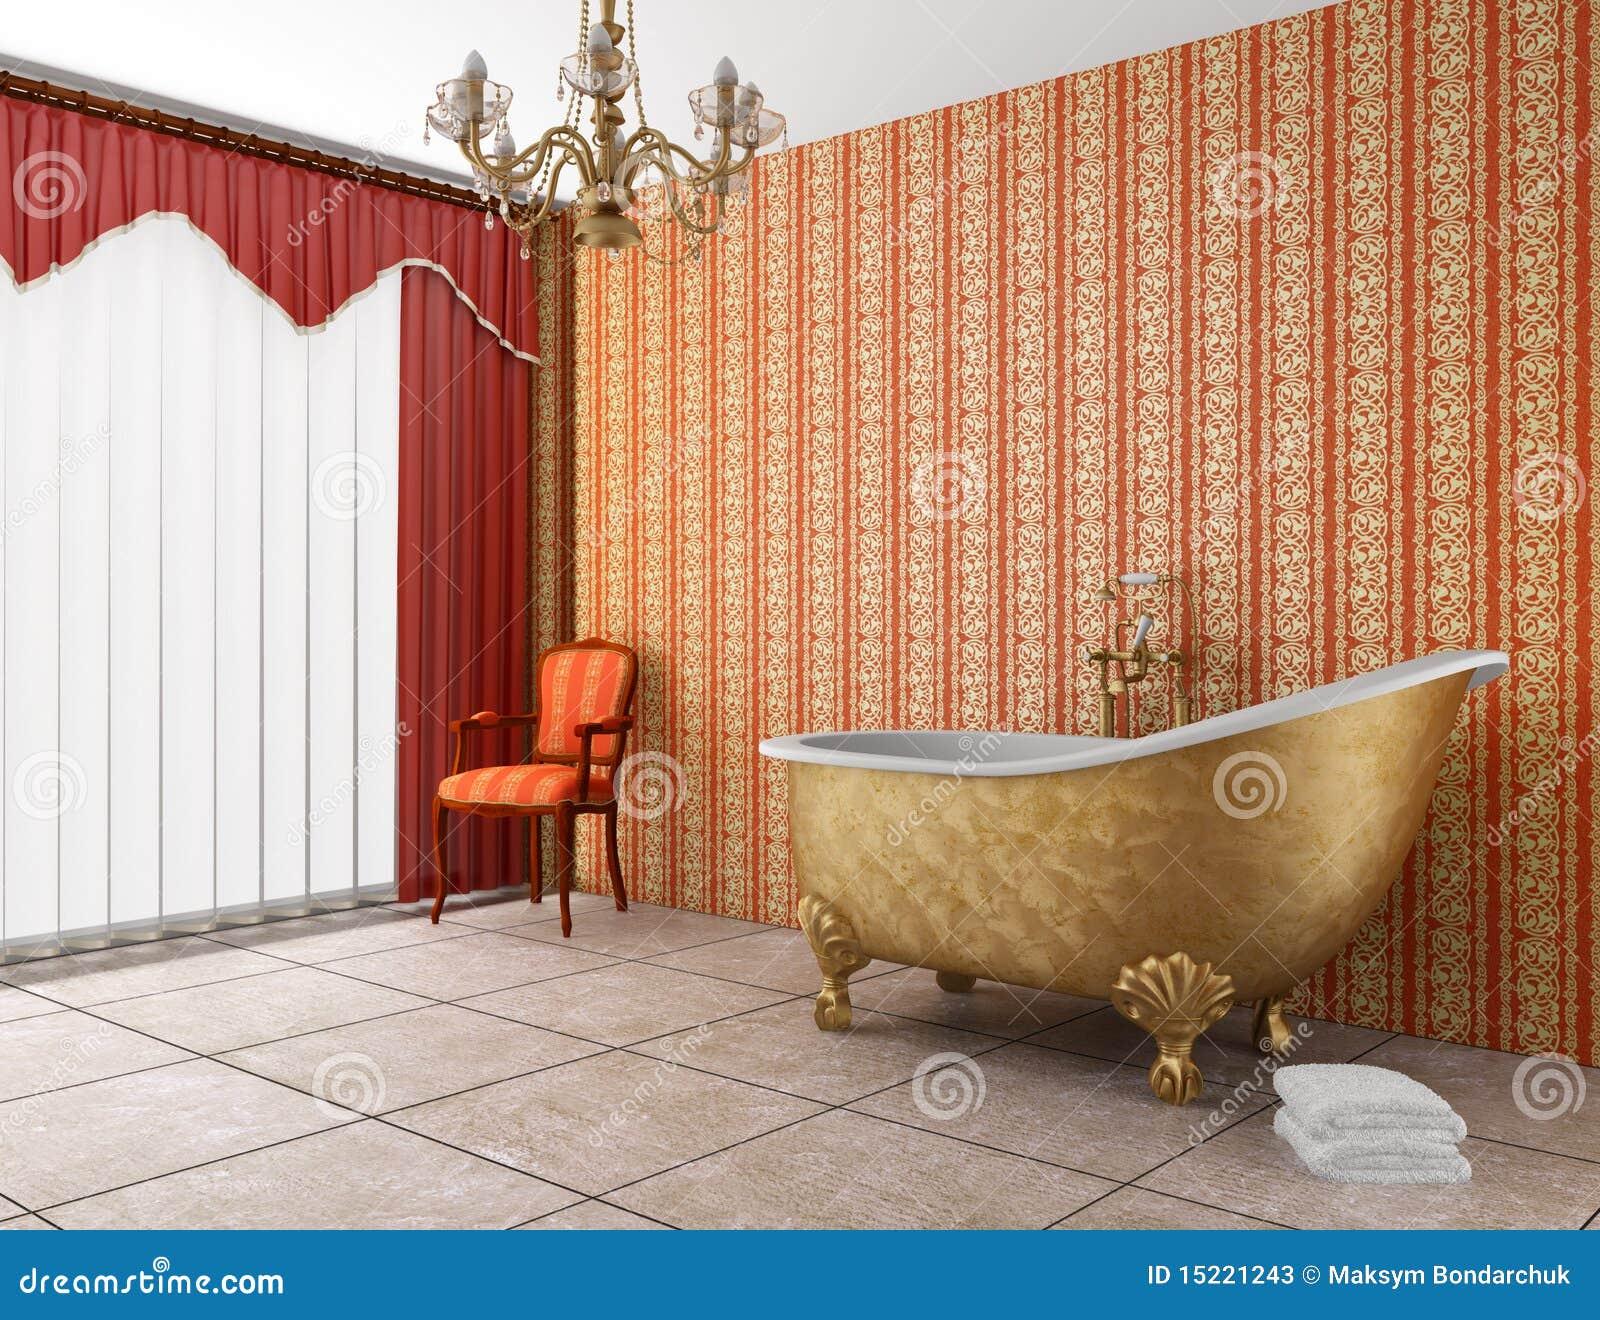 salle de bains classique avec la vieille baignoire image. Black Bedroom Furniture Sets. Home Design Ideas